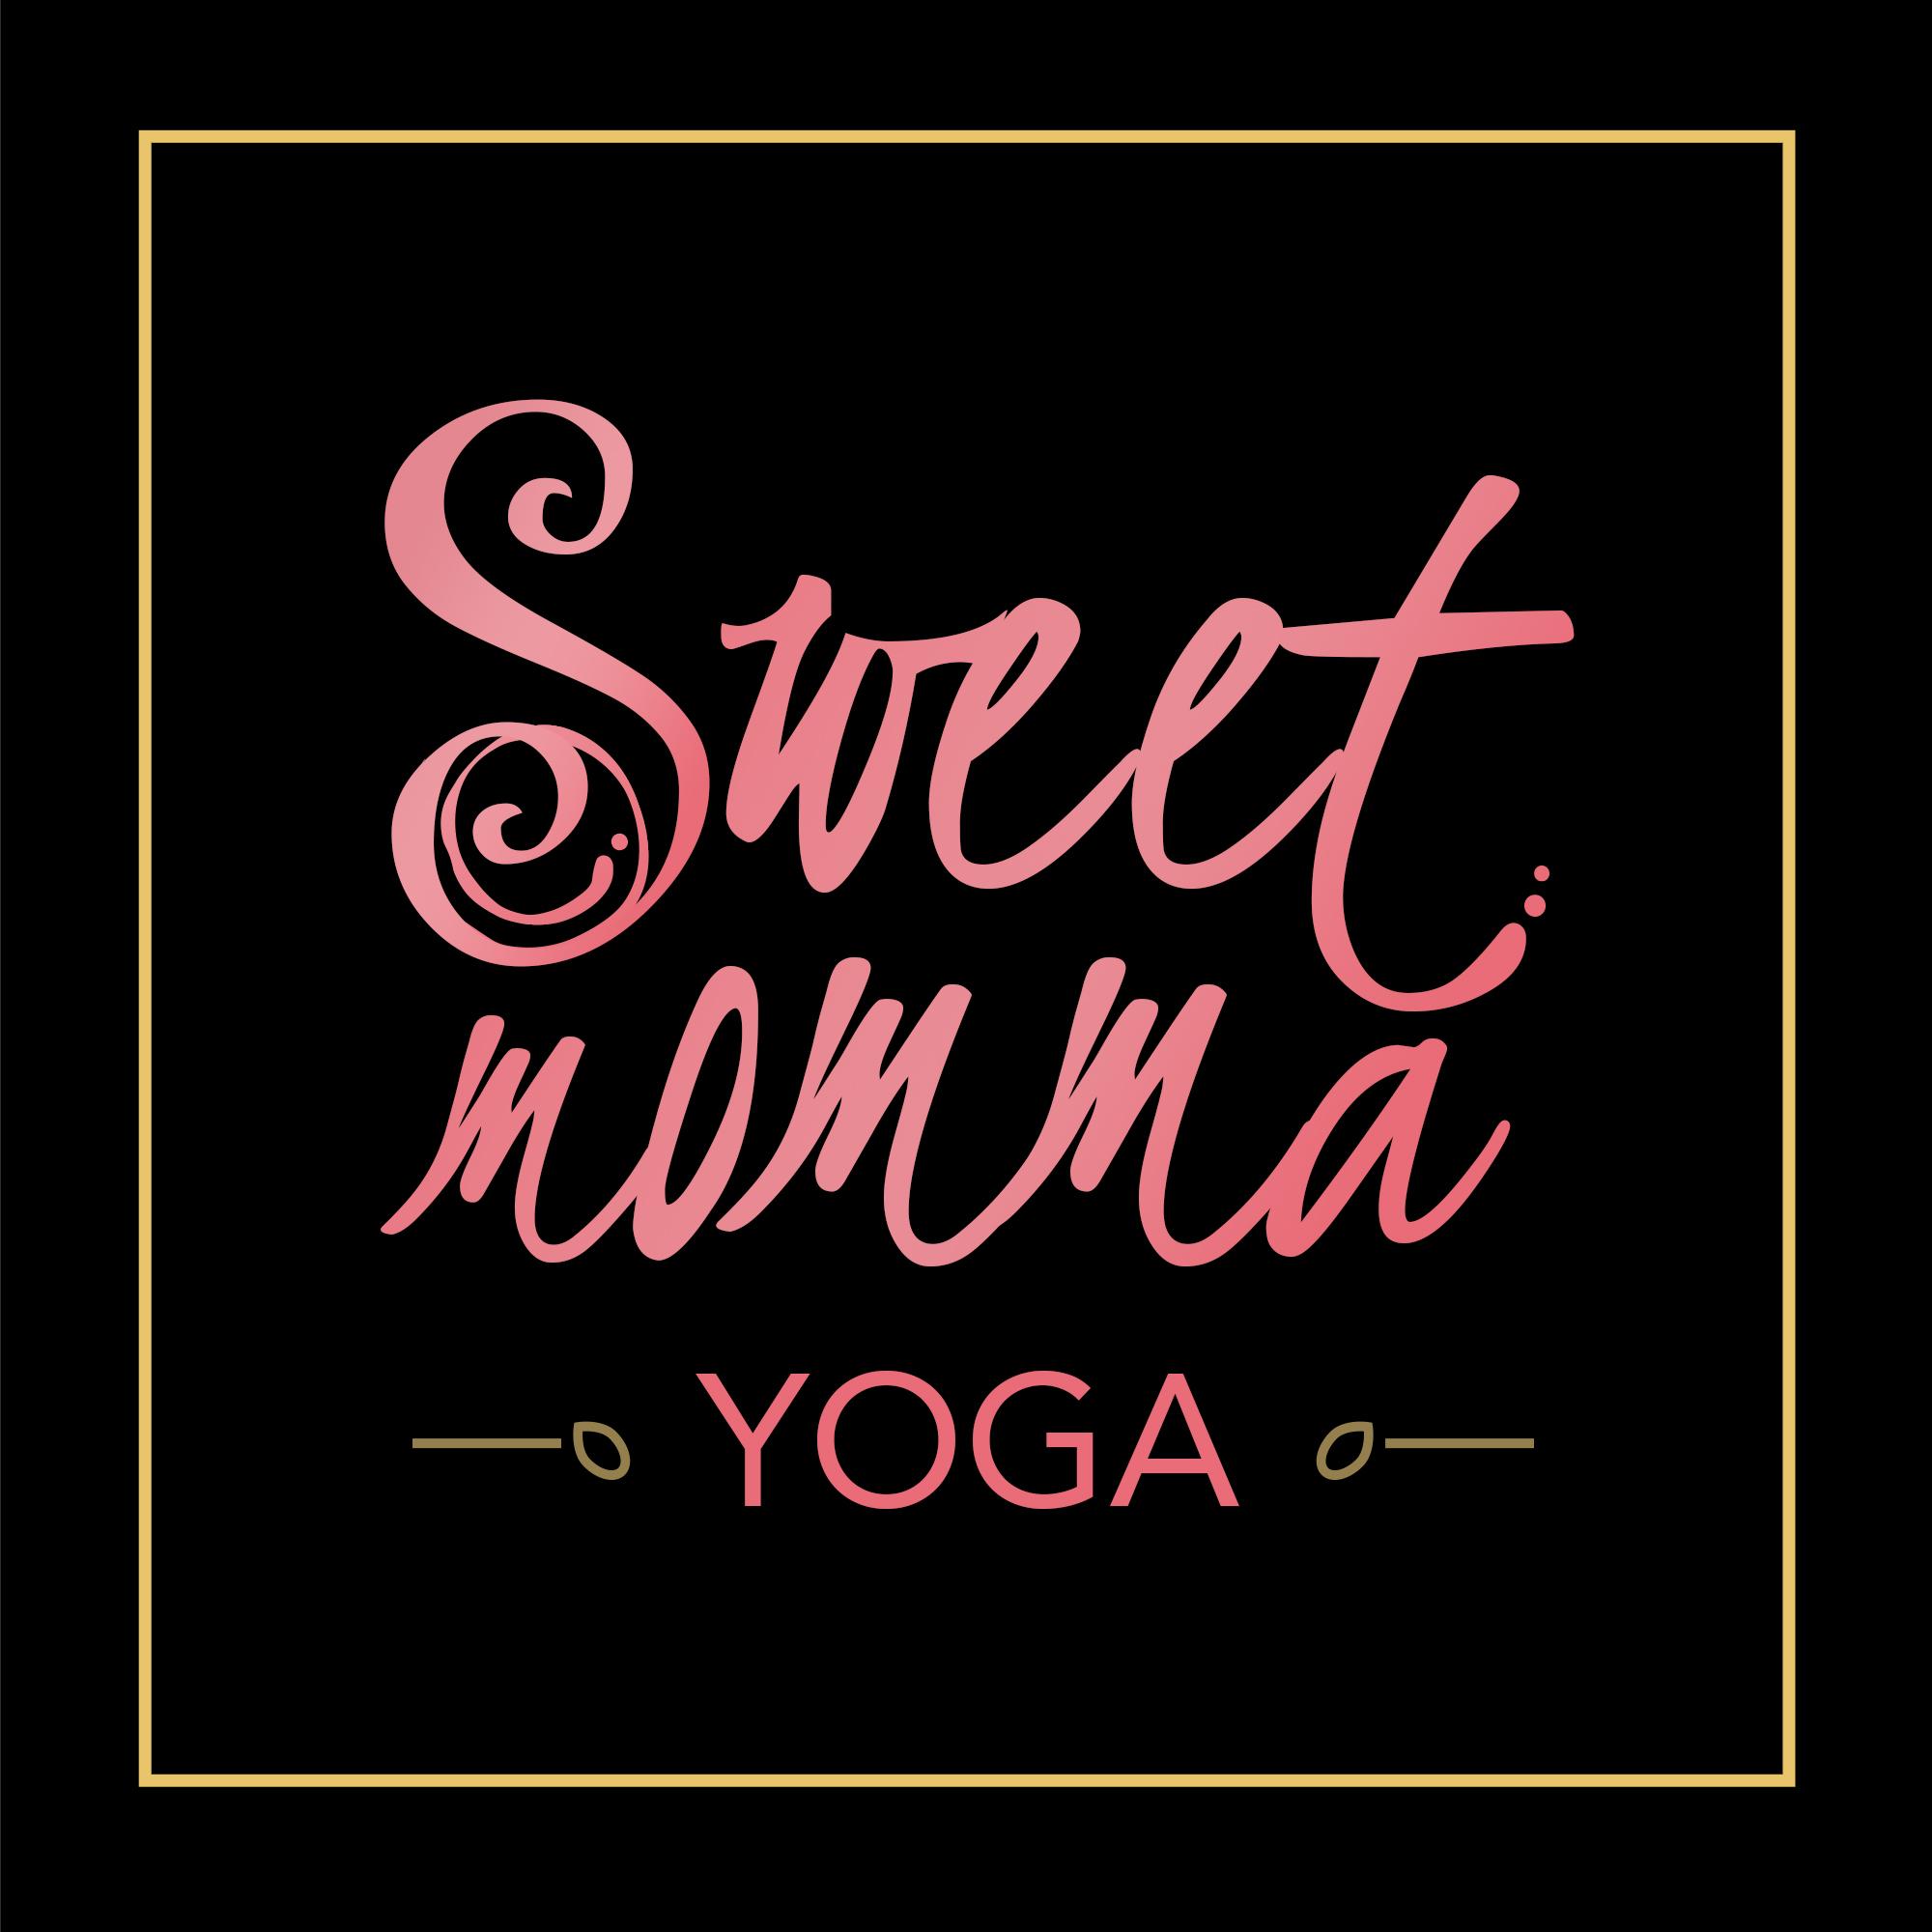 Sweet Momma Yoga